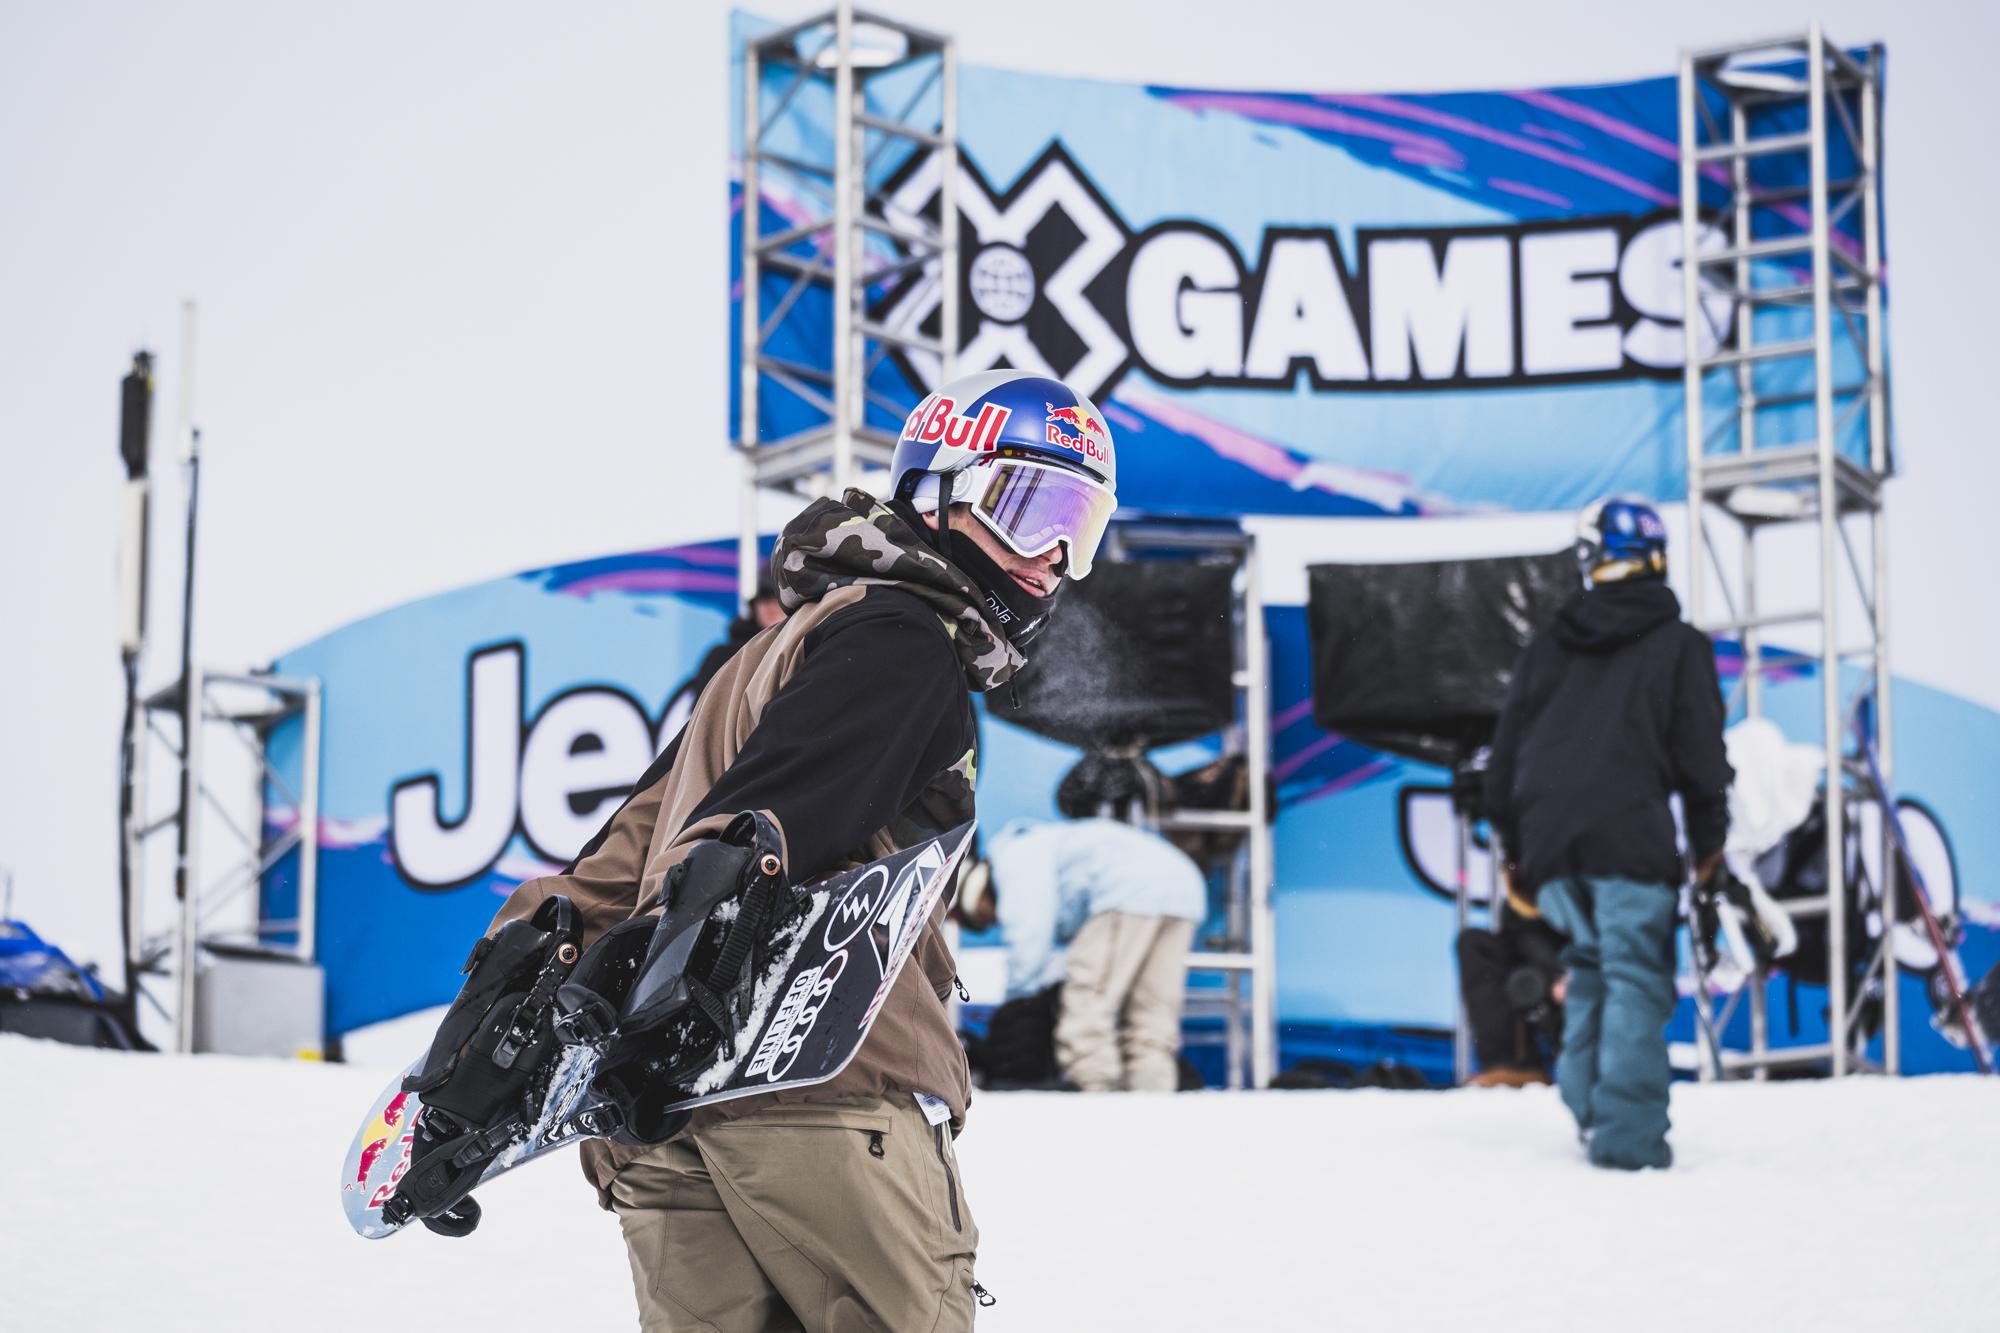 Følg landslaget i X Games Aspen!